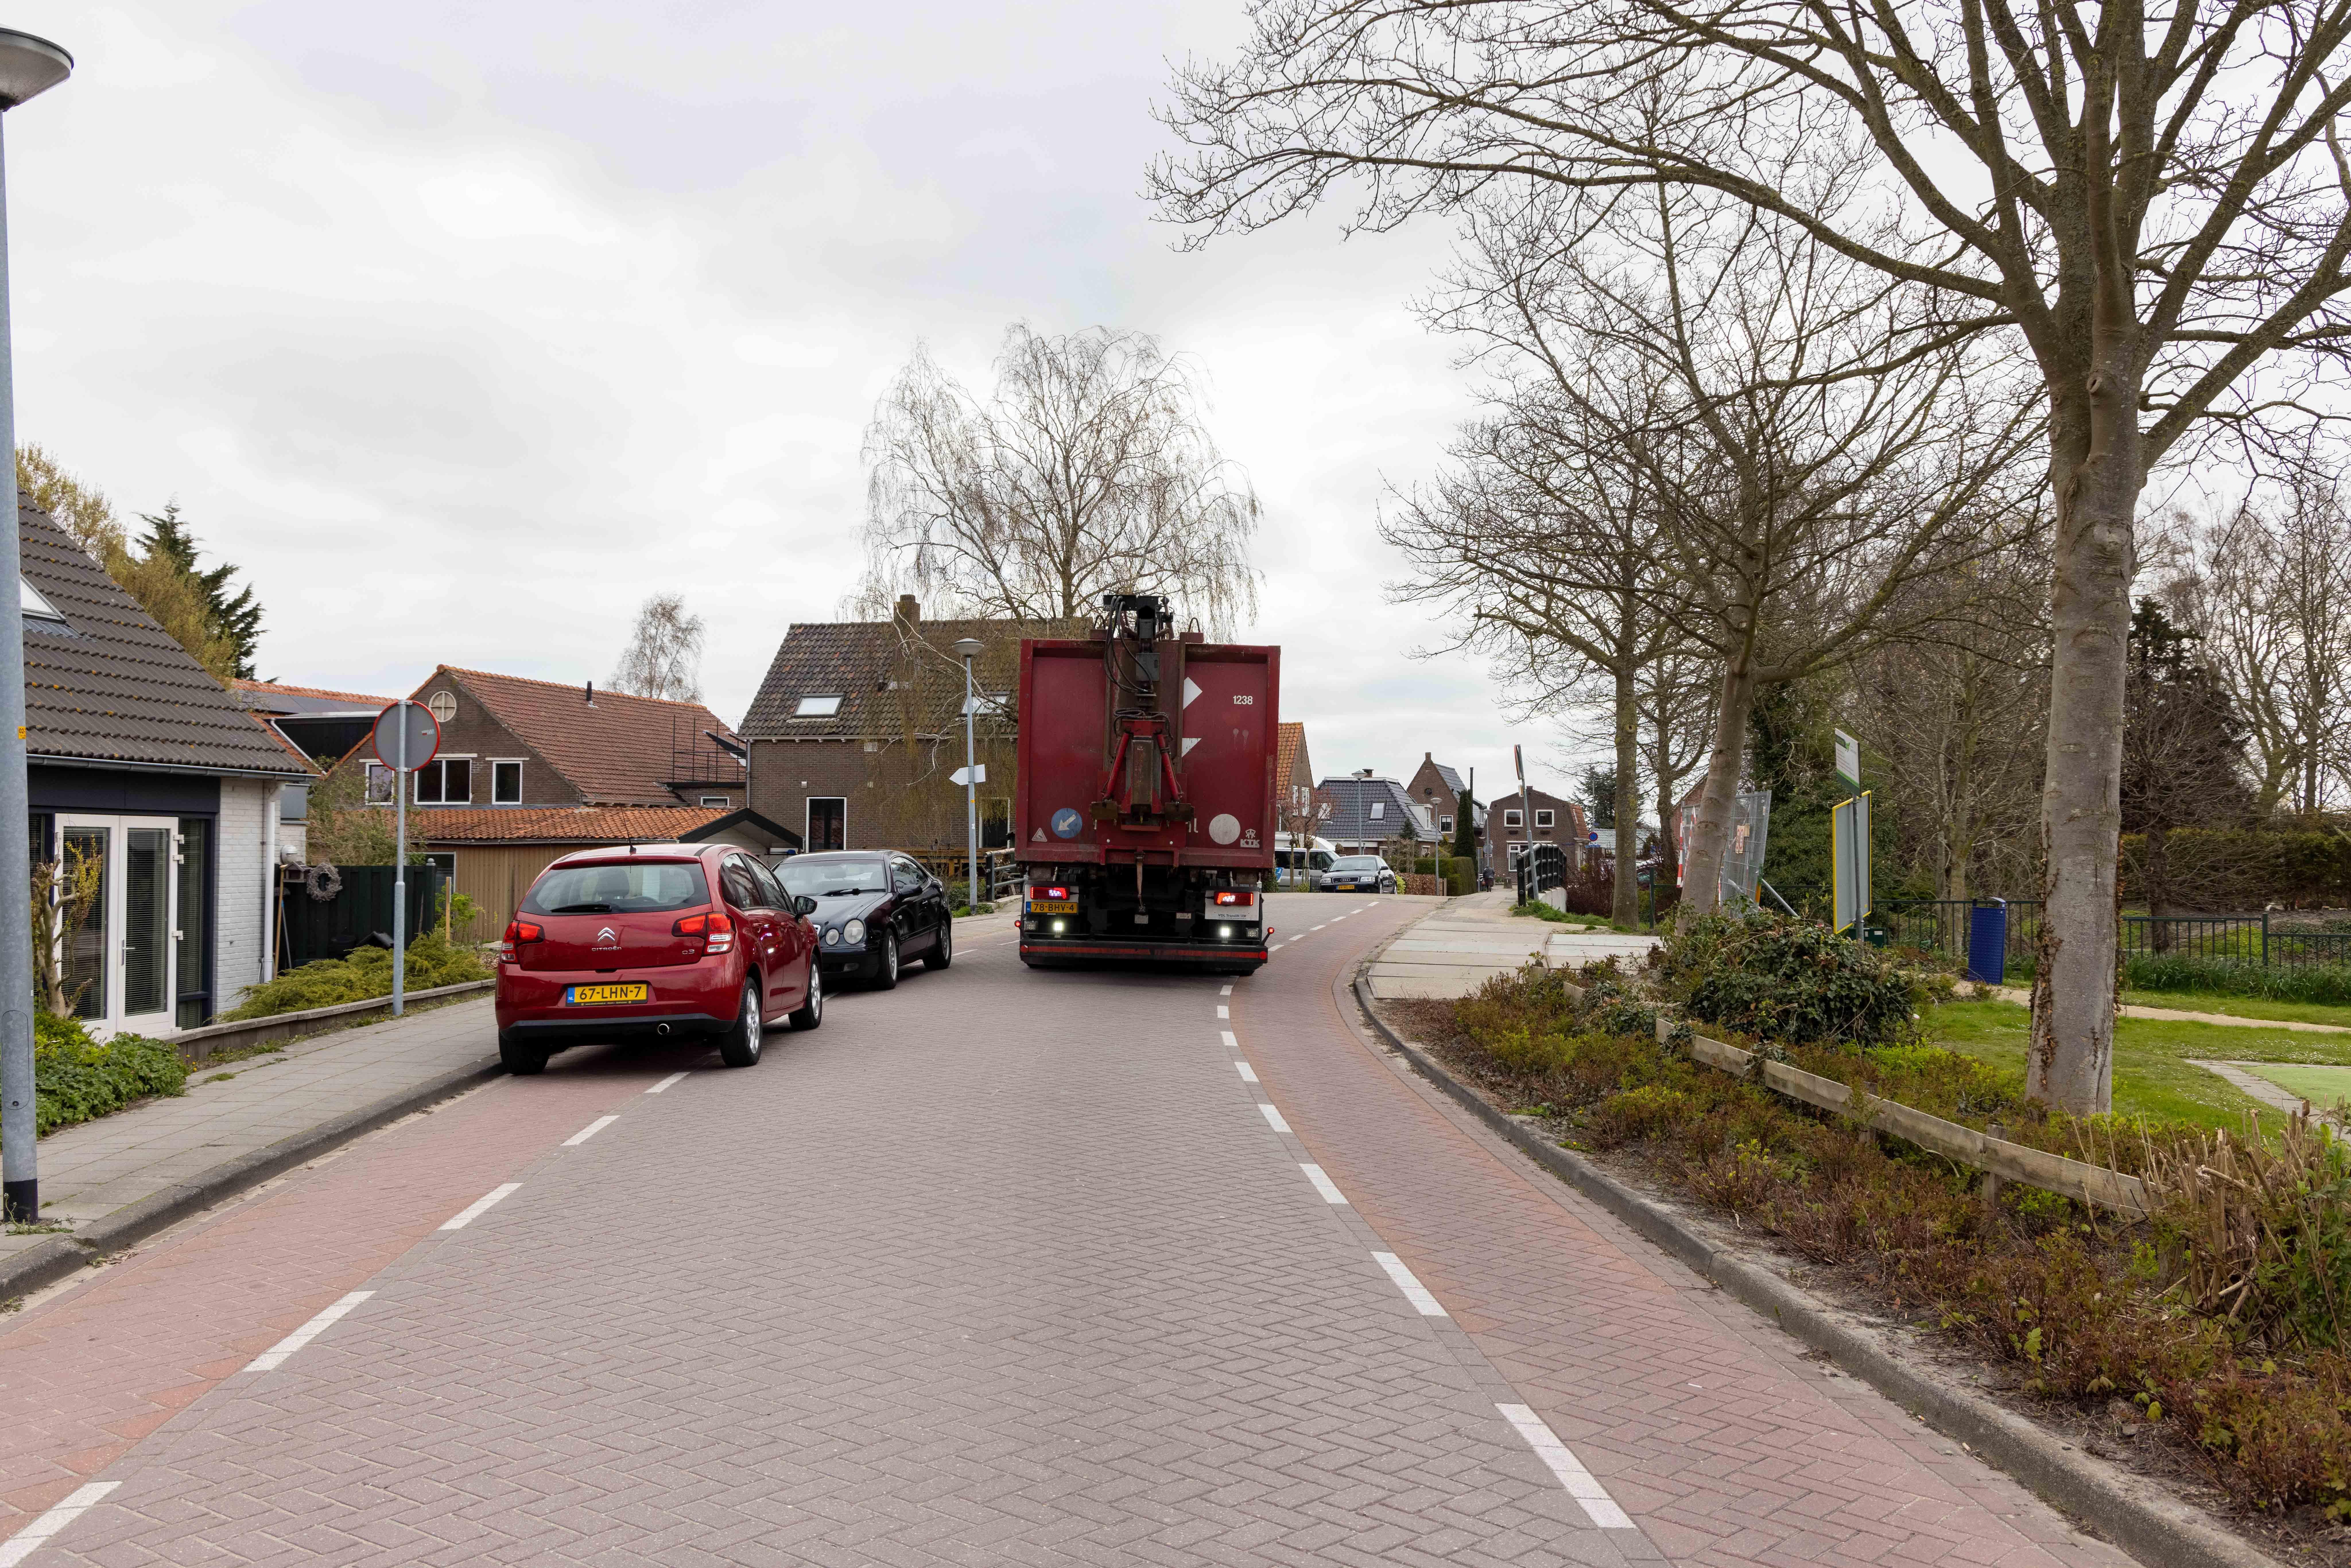 Vergrootglas op problemen Spoorsingel in verkeersplan Stede Broec, maar dan moet wel geld worden uitgetrokken en ook de omgeving worden meegenomen